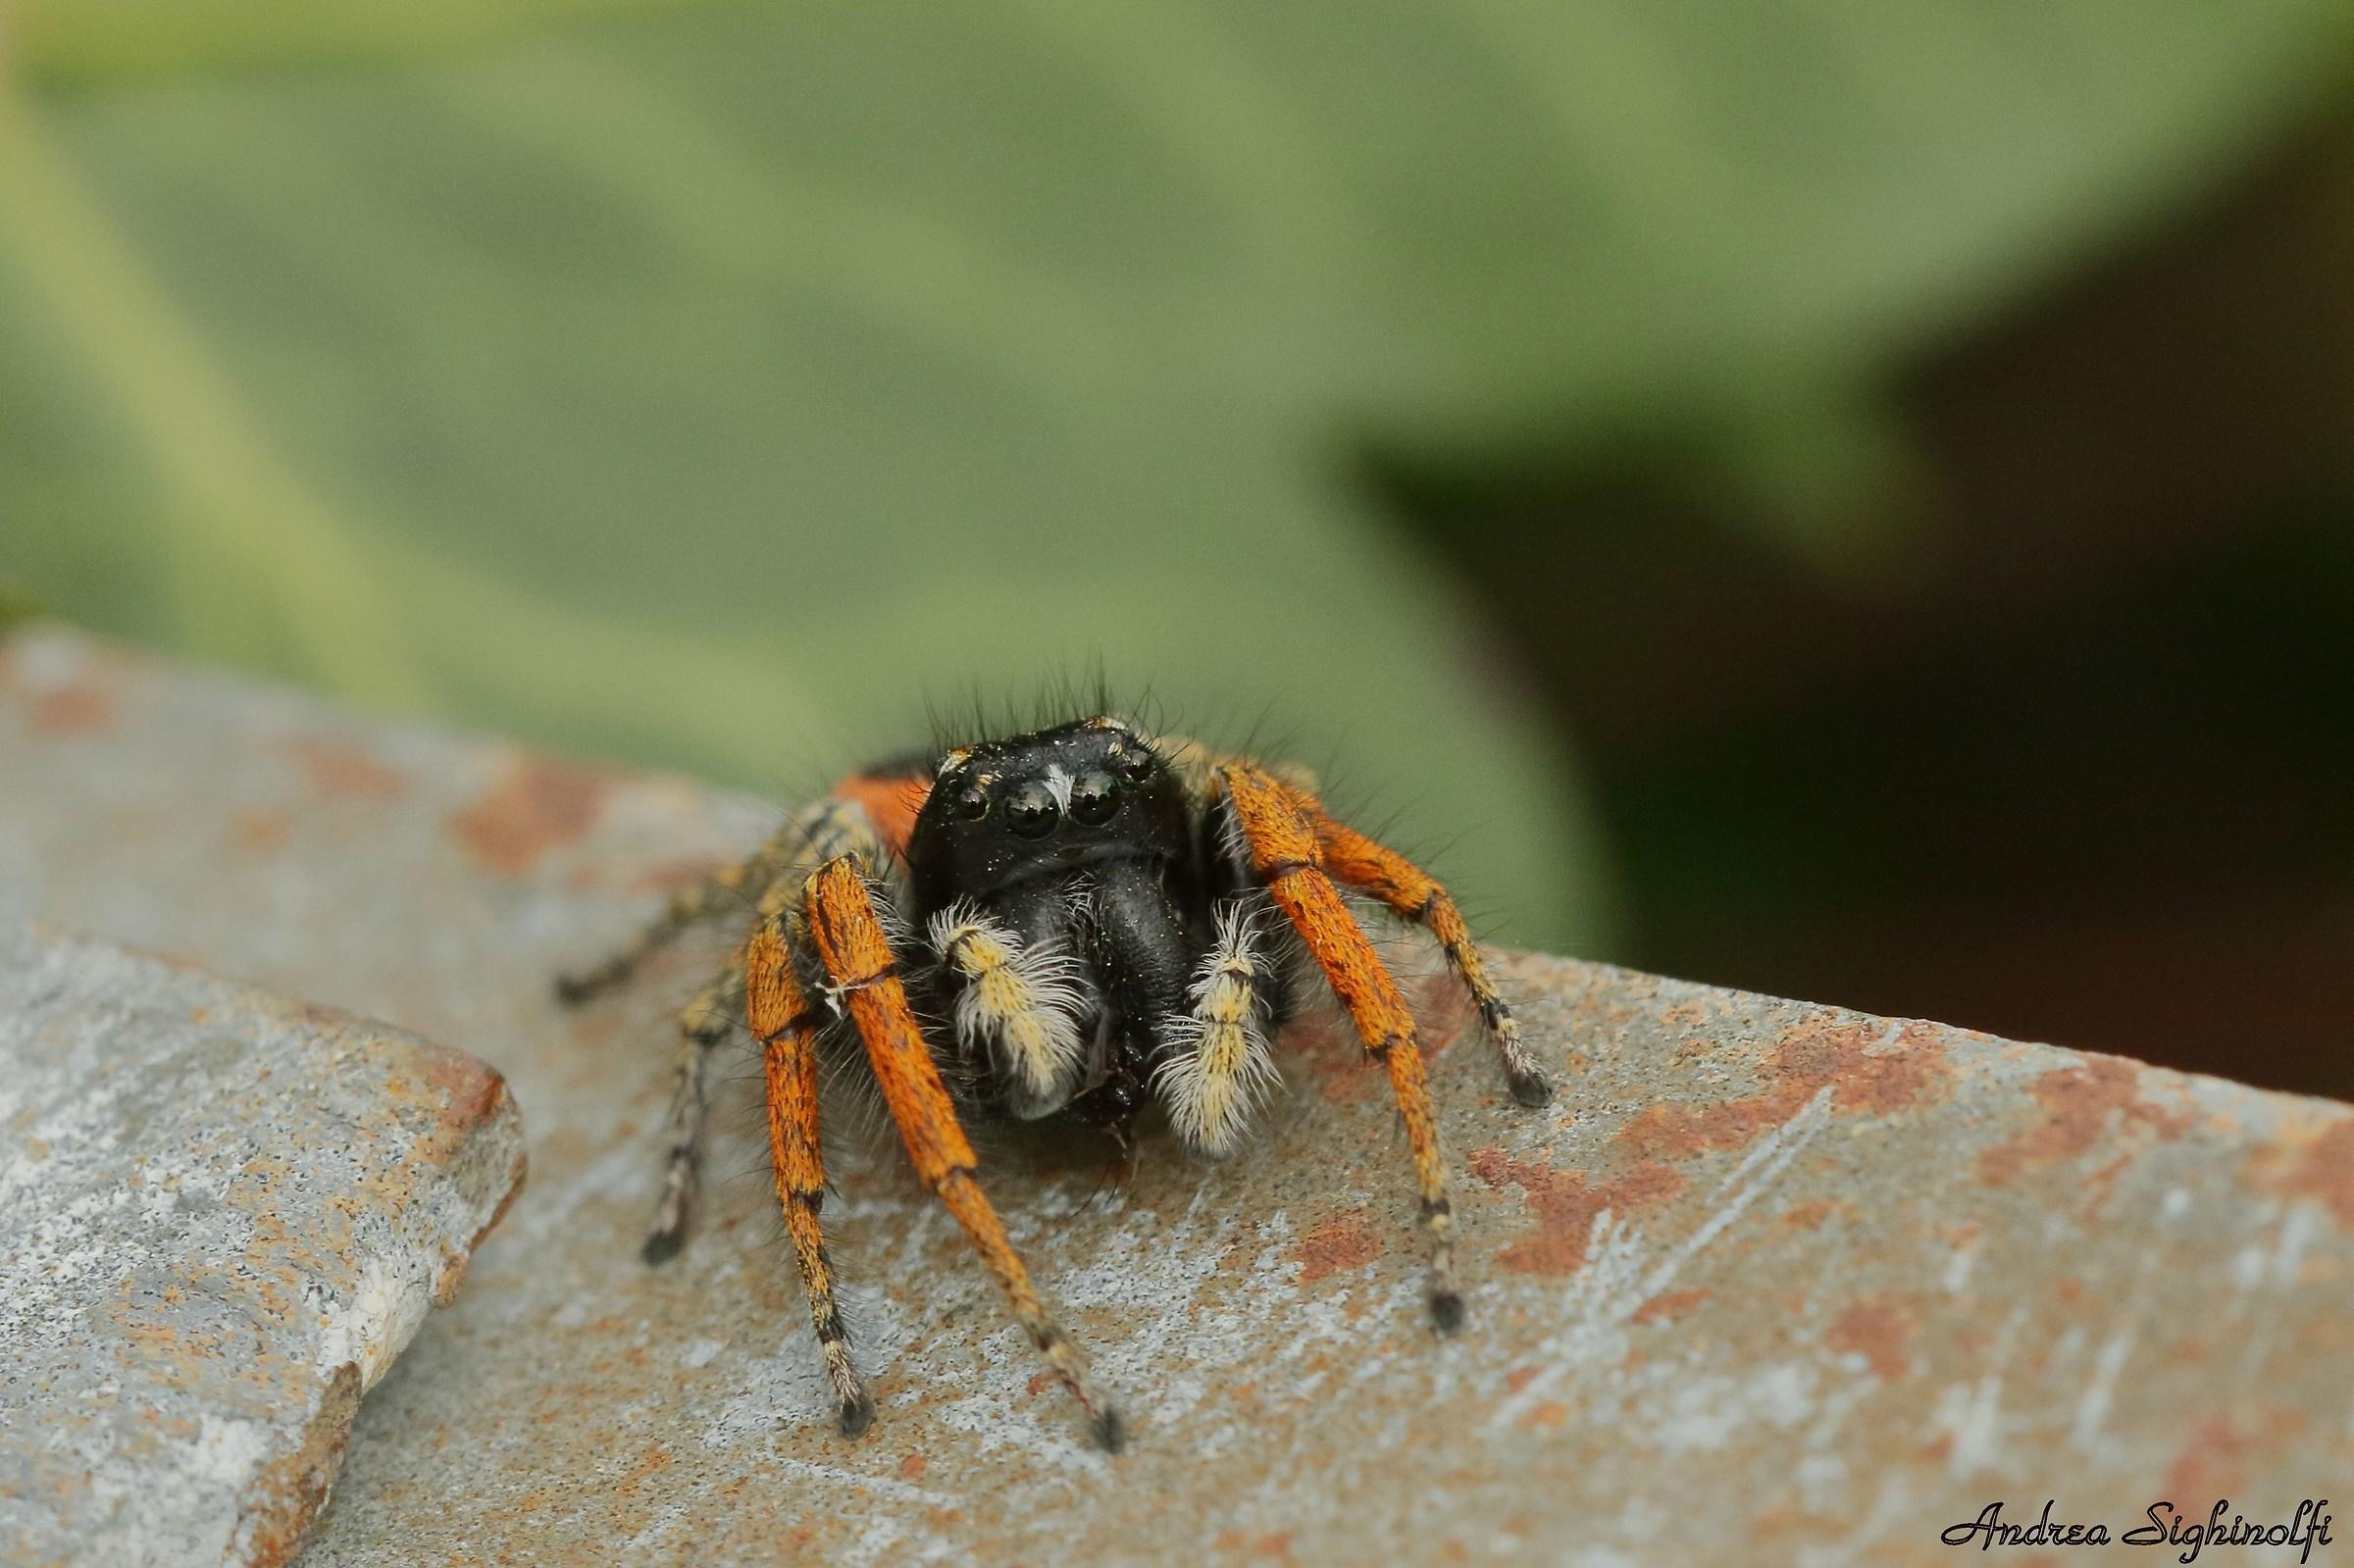 Jumper spider...